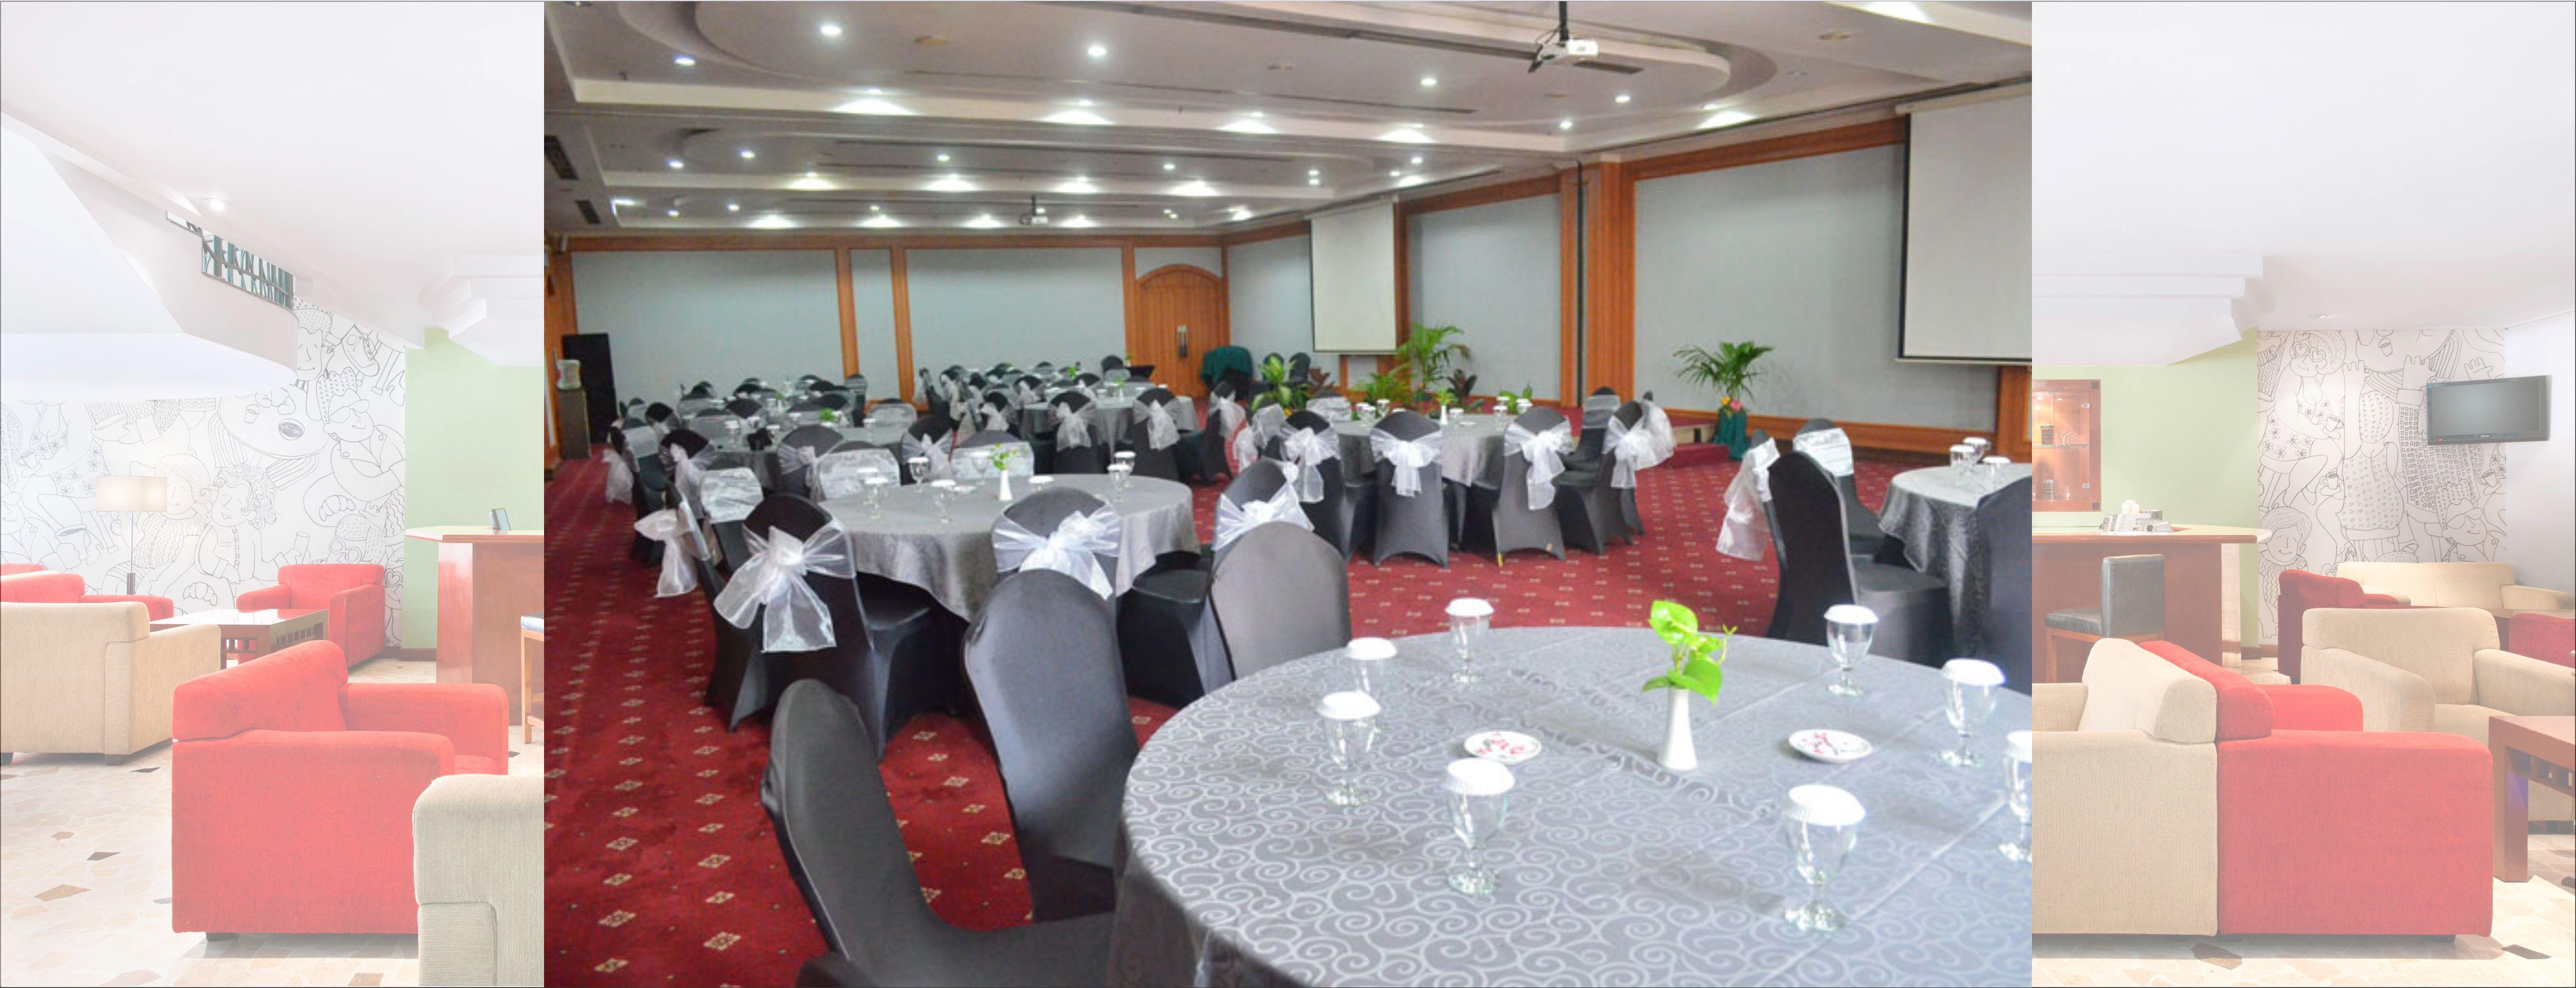 Hotel Arcadia Surabaya MINIMALIS STANDARD QUEEN ROOM Meeting Room Ballroom